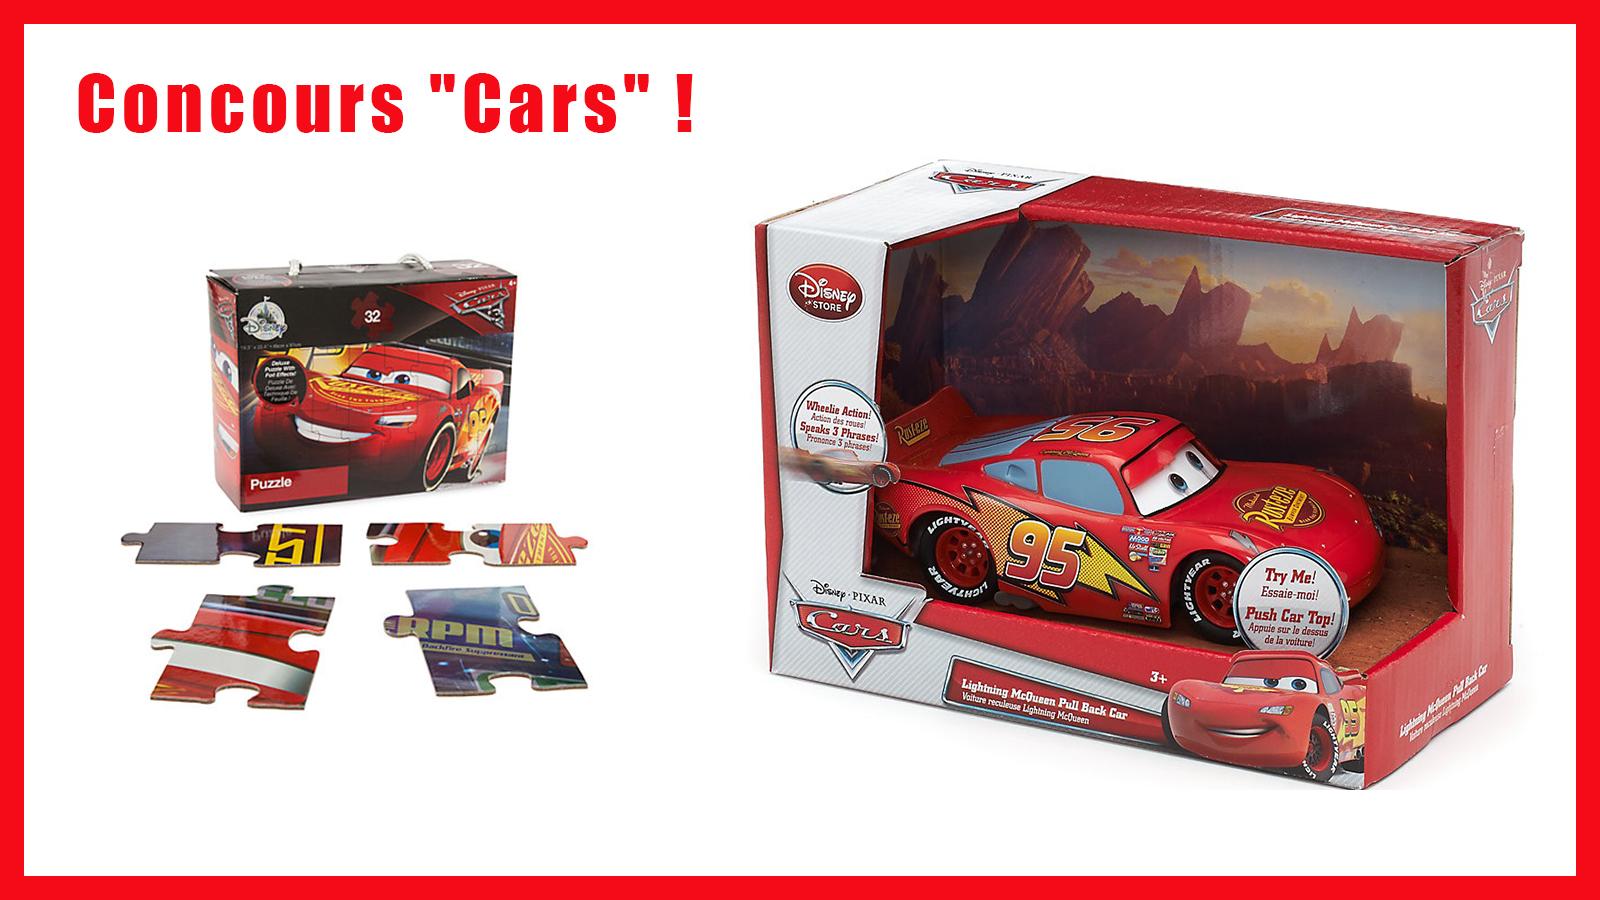 Concours pixar planet gagner une voiture flash mcqueen - Jeu gratuit cars flash mcqueen ...